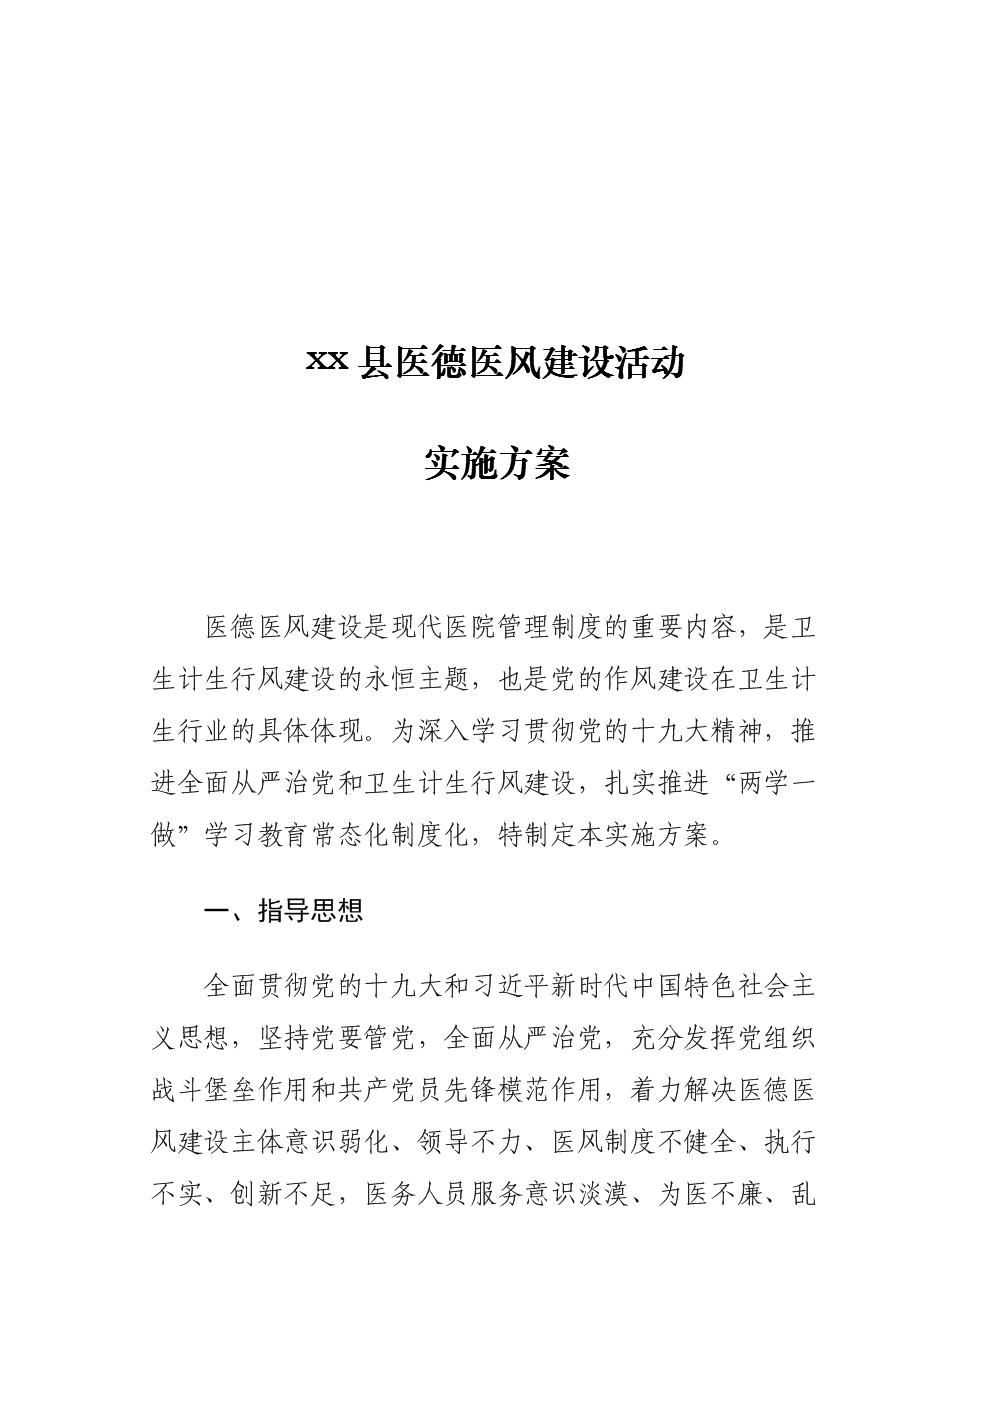 县医德医风建设活动实施方案.docx